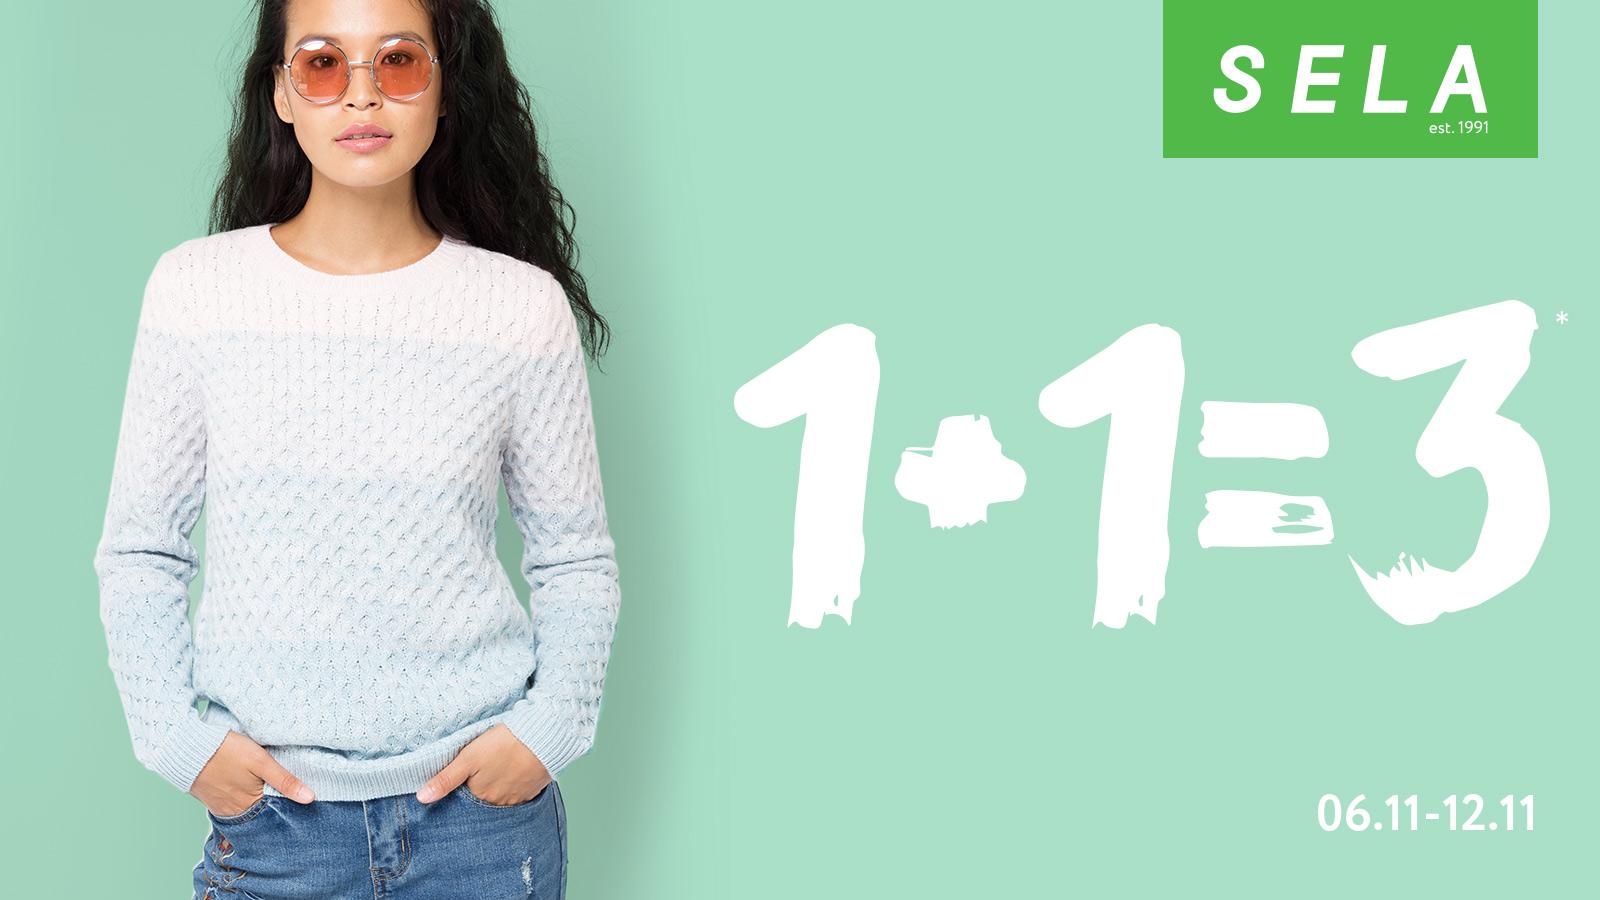 Купи две вещи SELA - получи третью по наименьшей цене в подарок!*